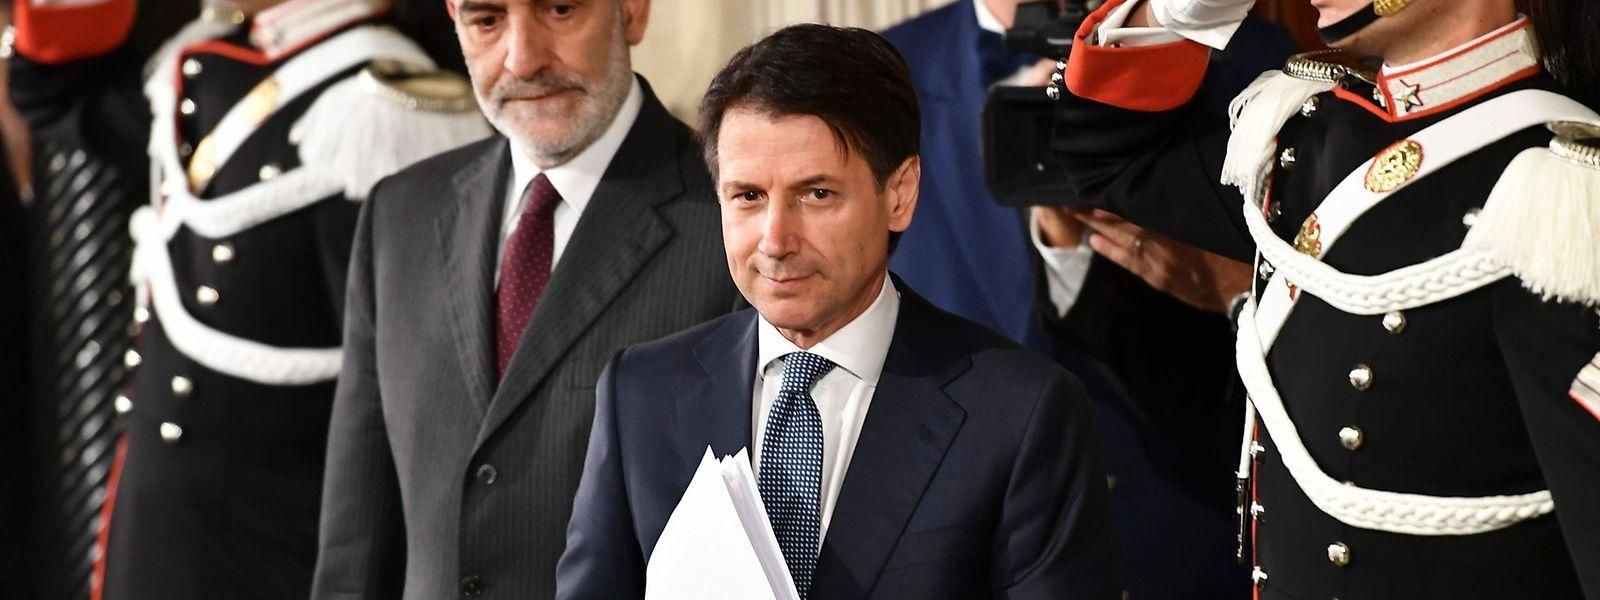 L'avocat Giuseppe Conte a été nommé premier ministre d'un gouvernement formé par la Ligue et le MS5, partis d'extrême droite et anti-establishment.